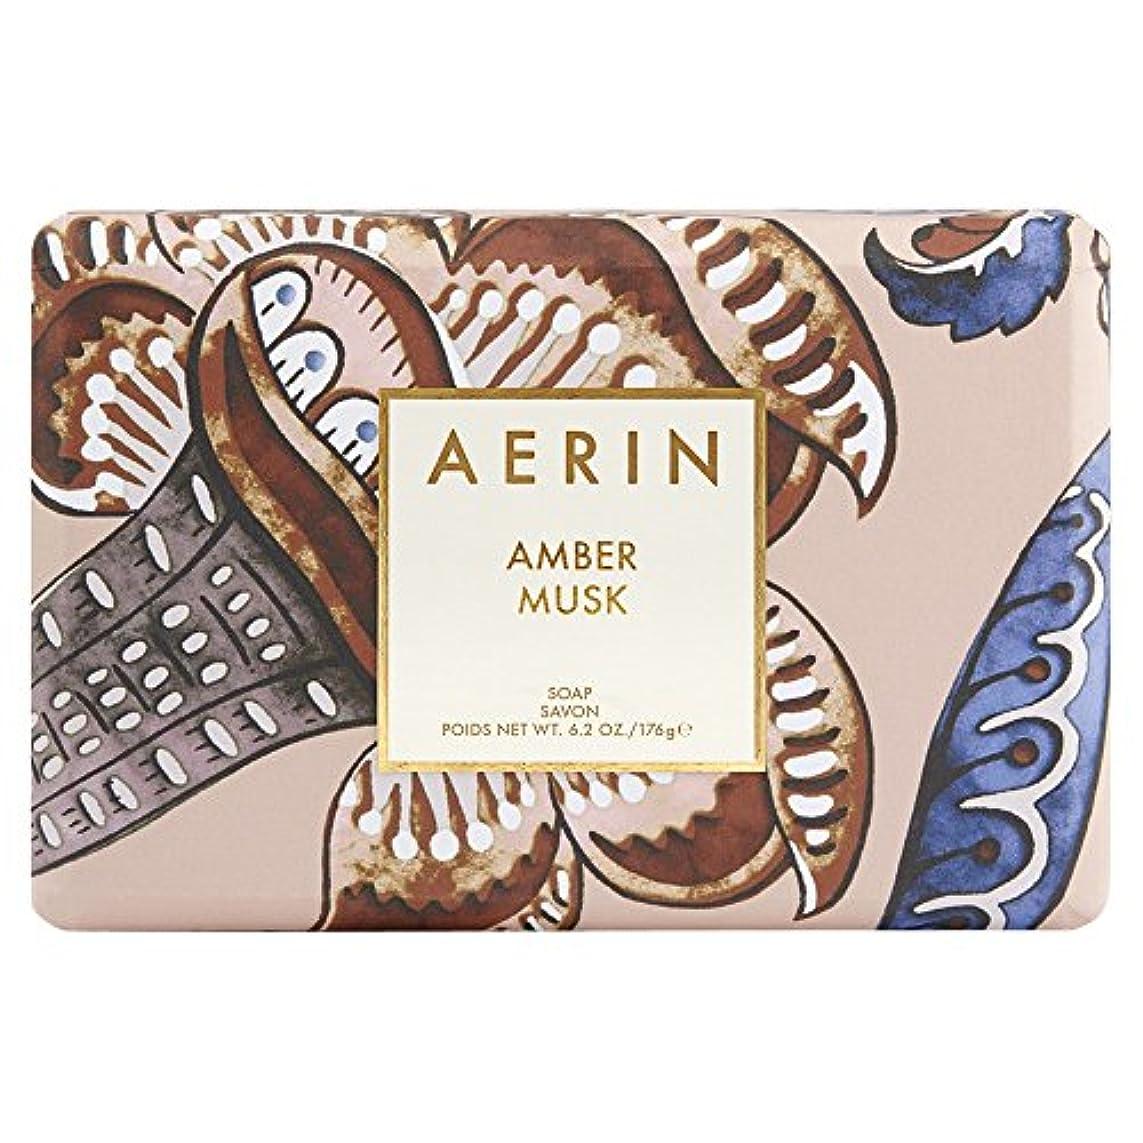 タイプライターやりがいのある不健康Aerinアンバームスクソープ176グラム (AERIN) (x2) - AERIN Amber Musk Soap 176g (Pack of 2) [並行輸入品]